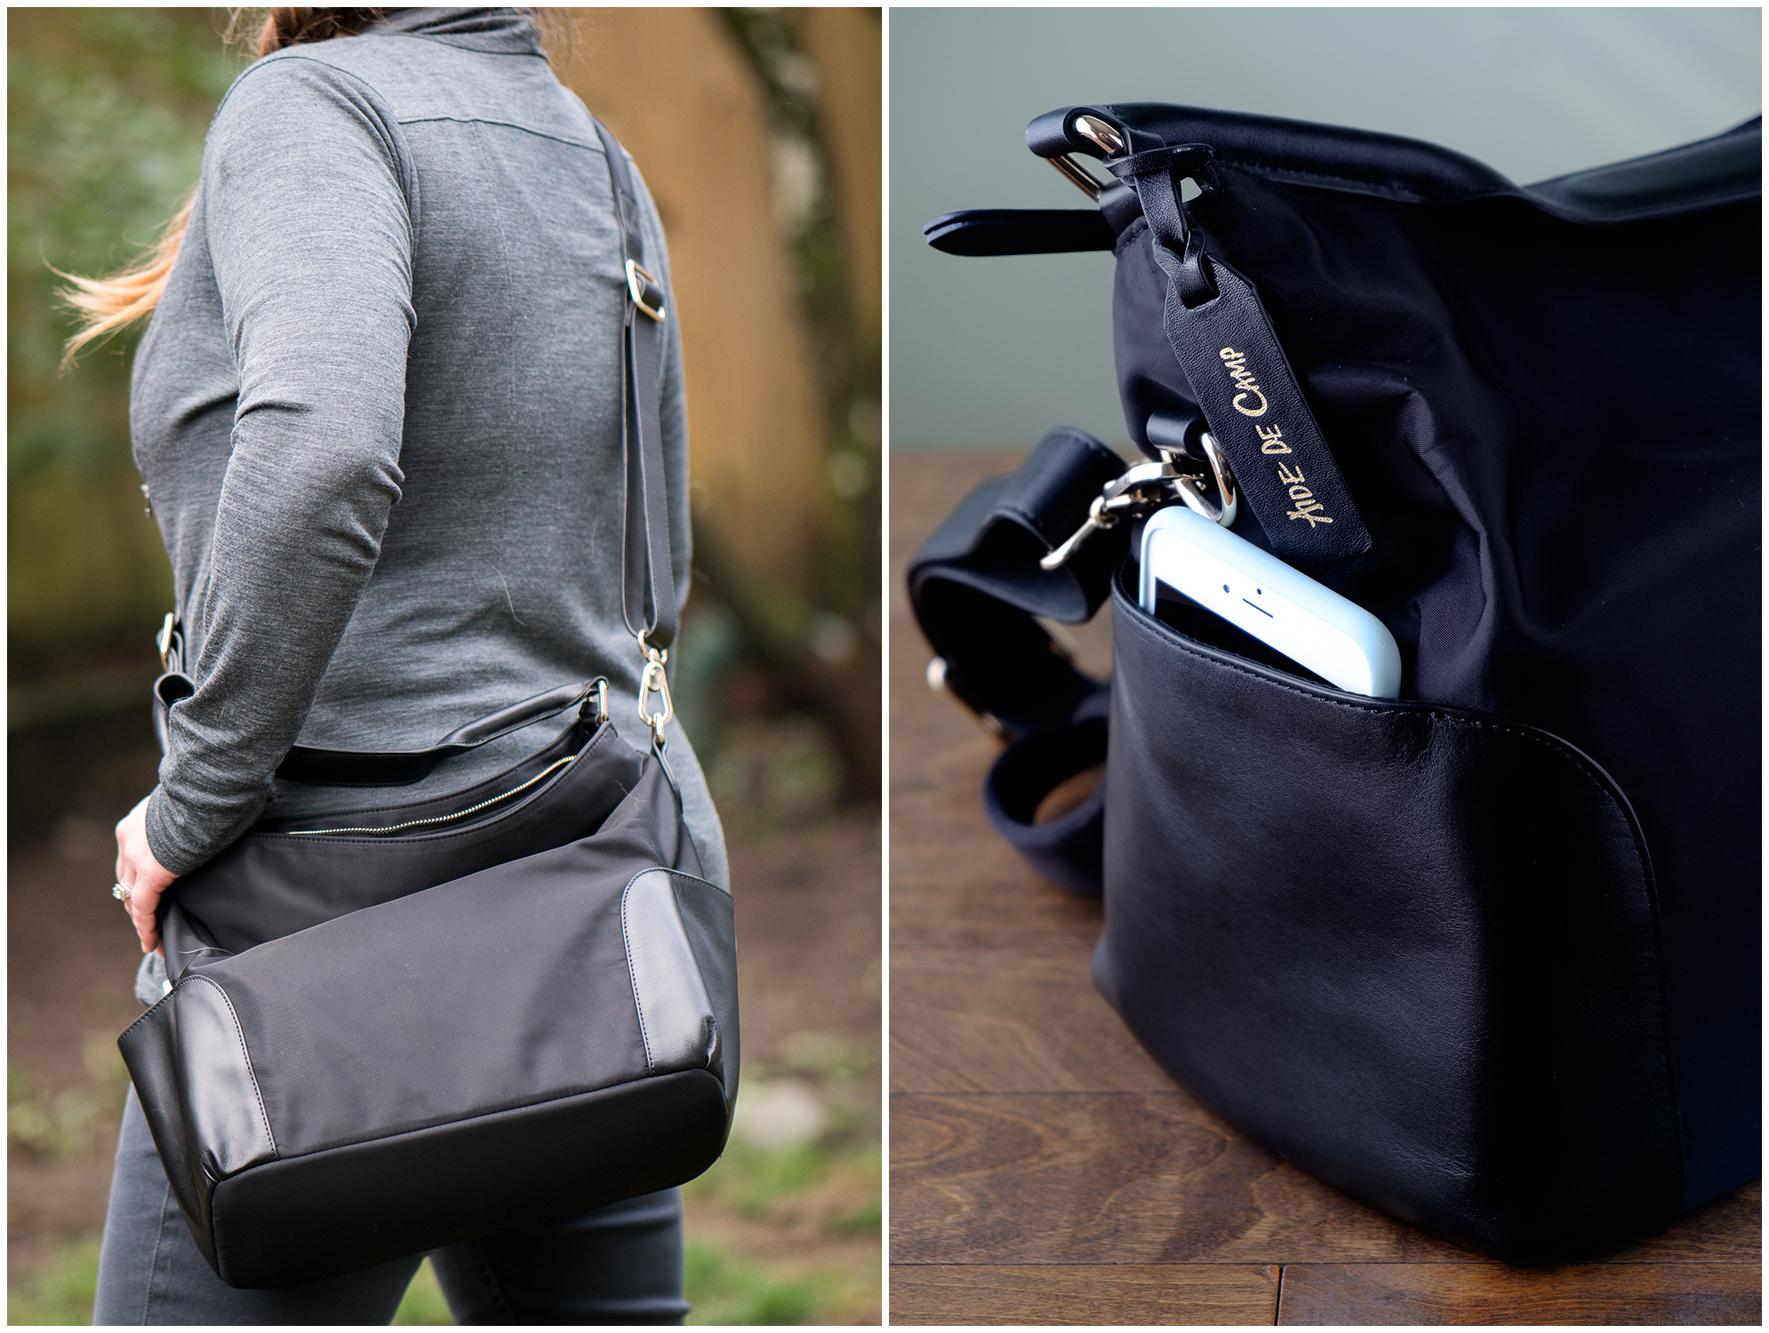 Review: Evie Camera Bag from Aide de Camp